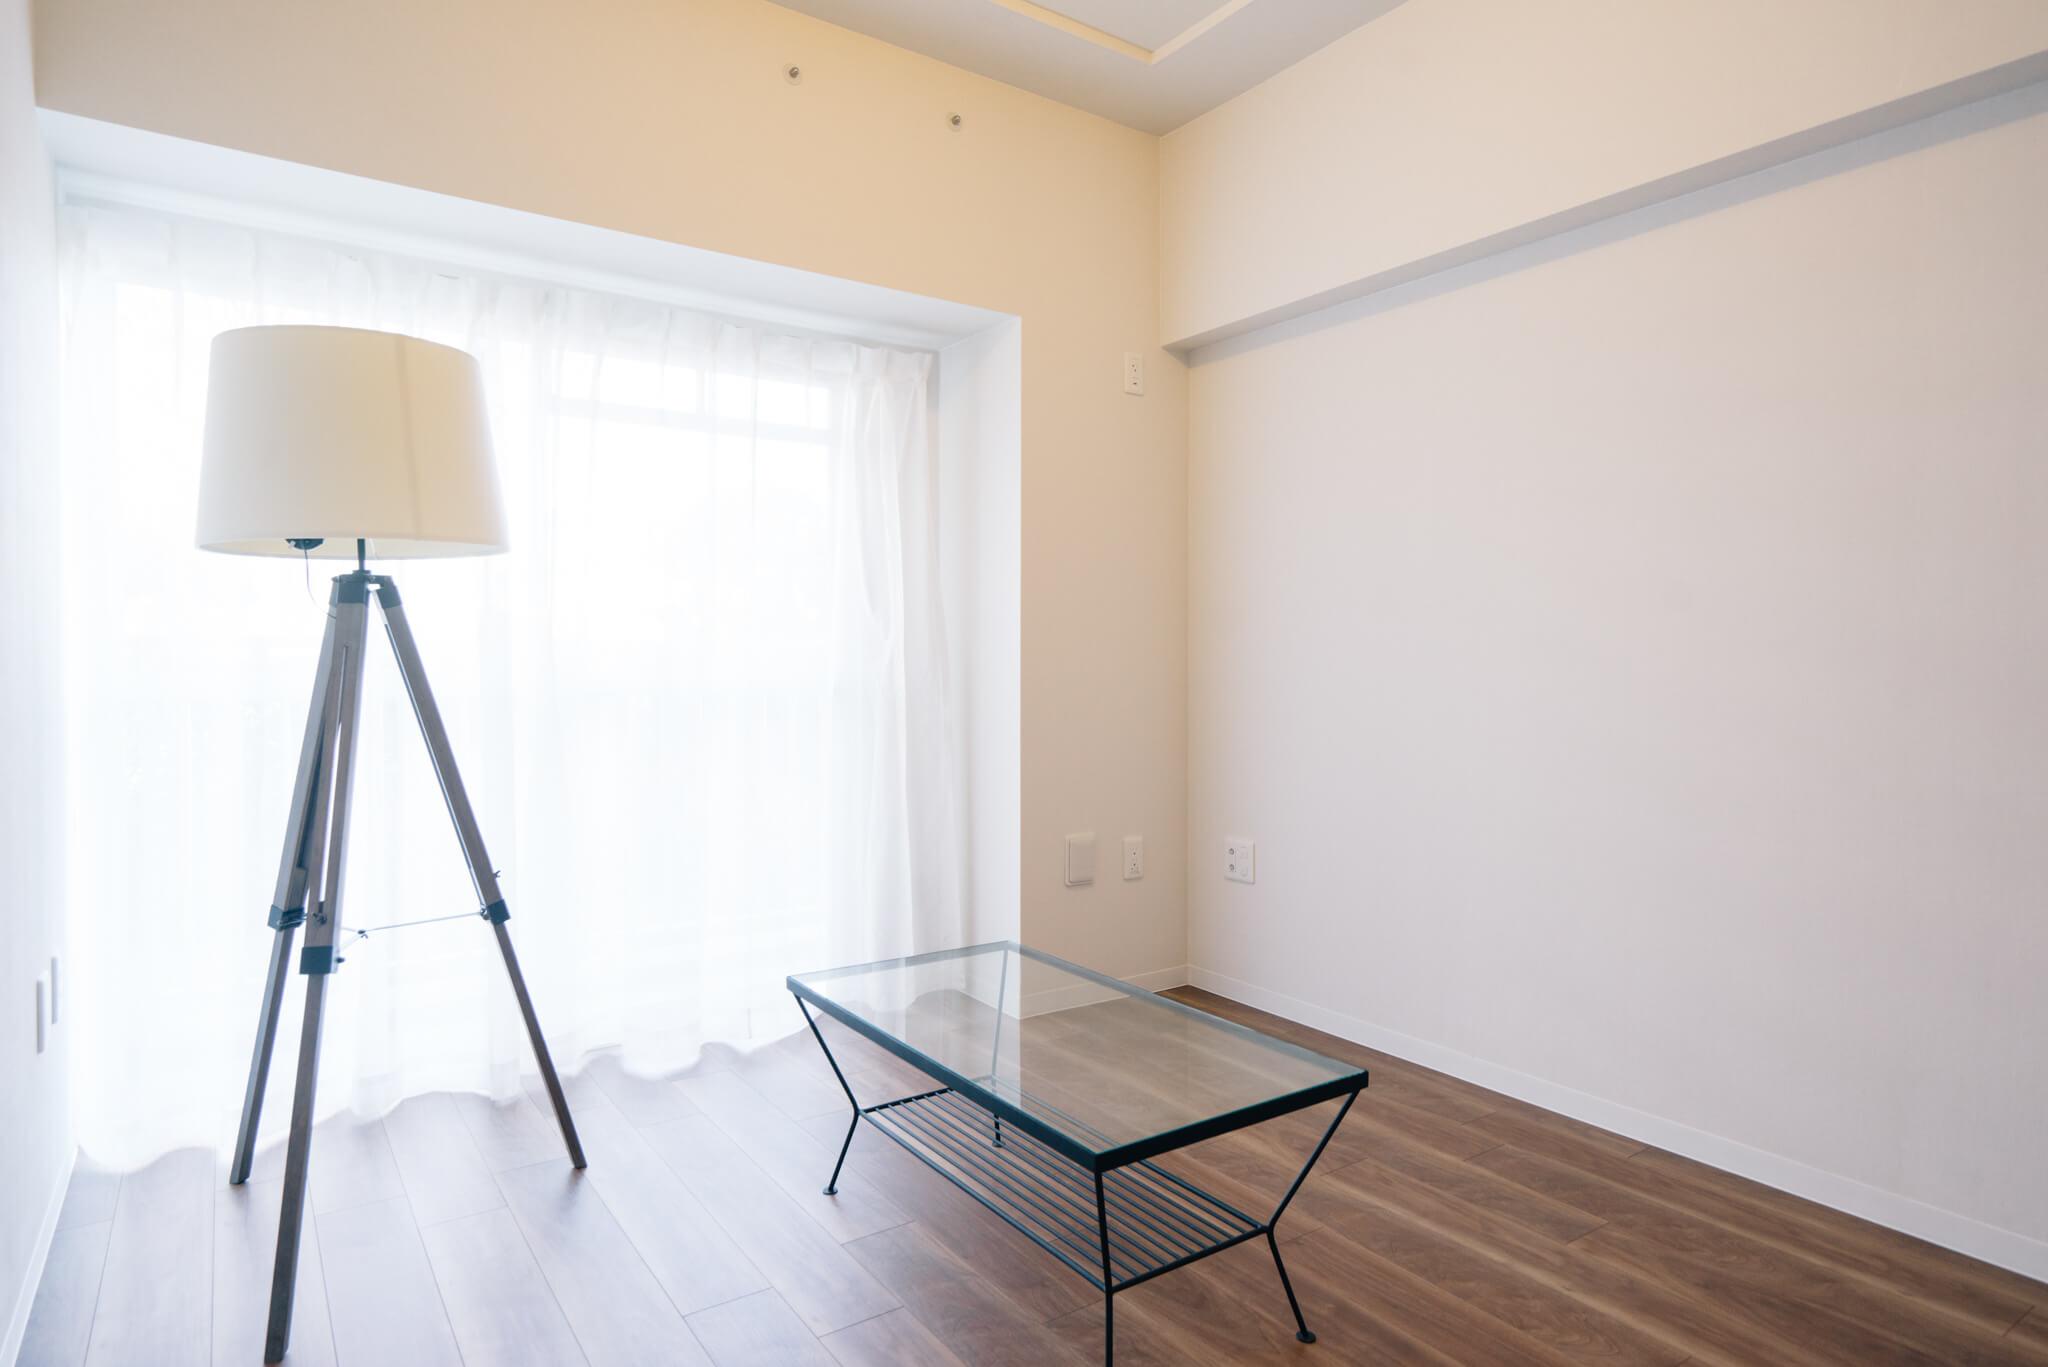 玄関側の洋室は、窓が大きくて明るいですね。